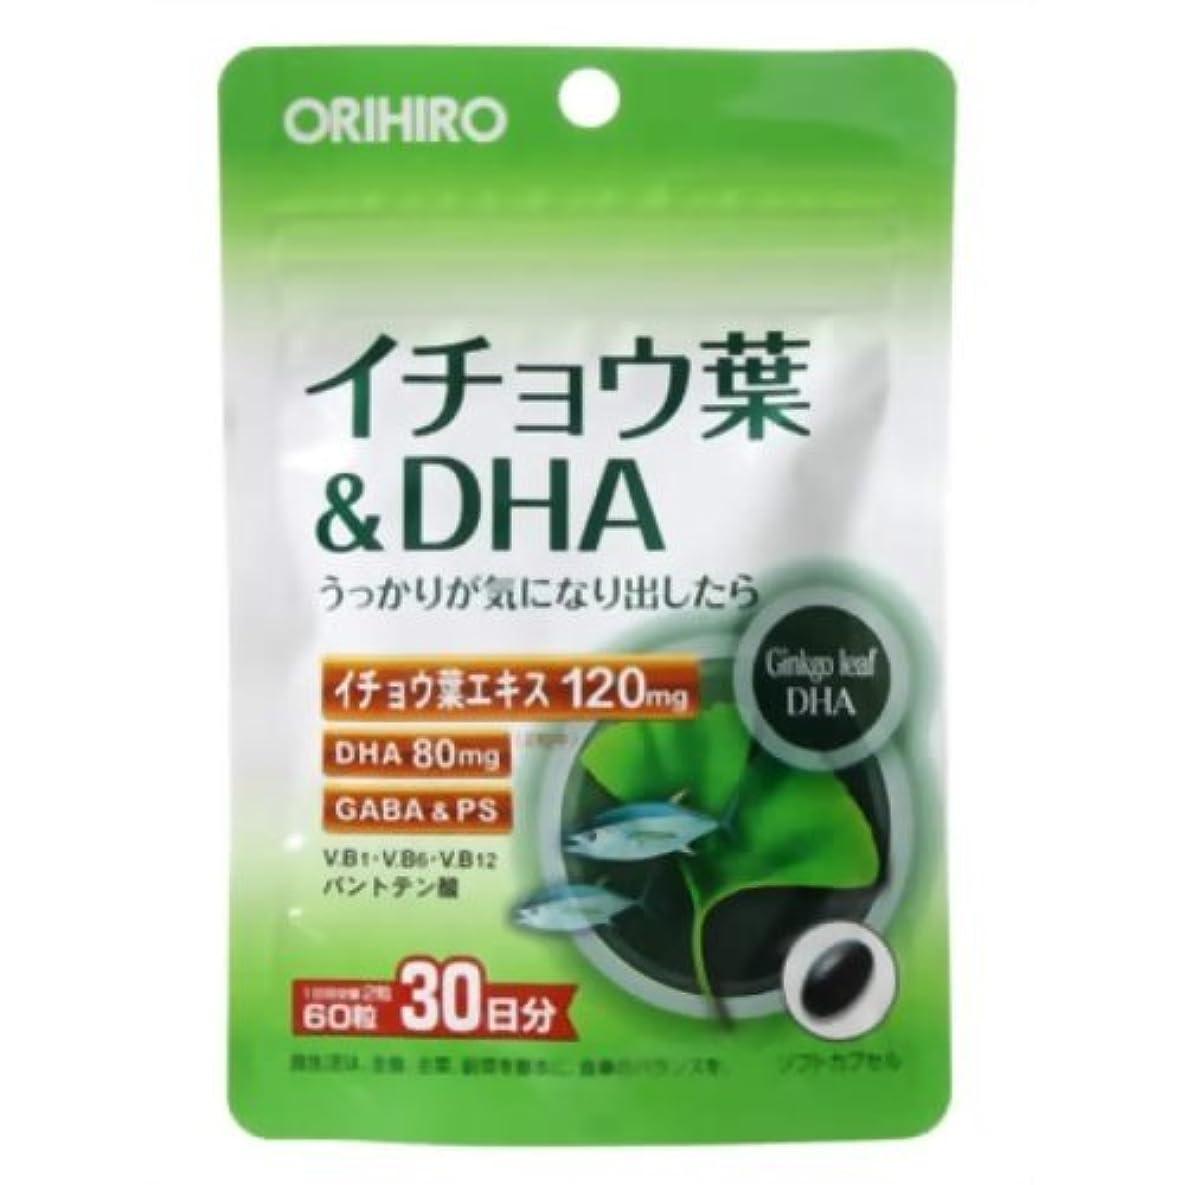 申請者みなさん呼び出すオリヒロ イチョウ葉&DHA 60粒